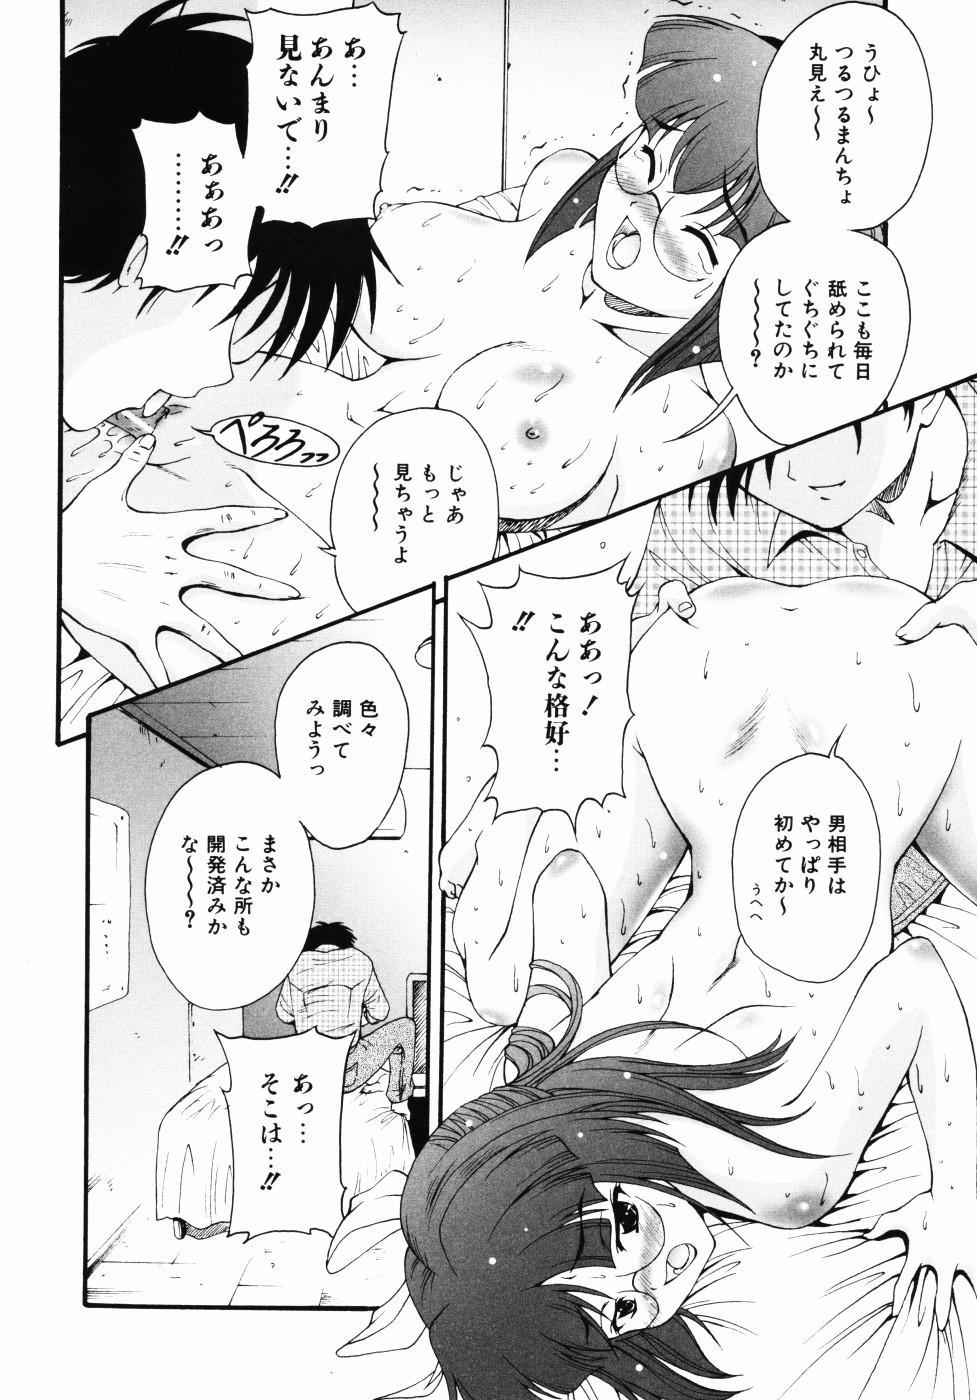 Daikyou Megami 92